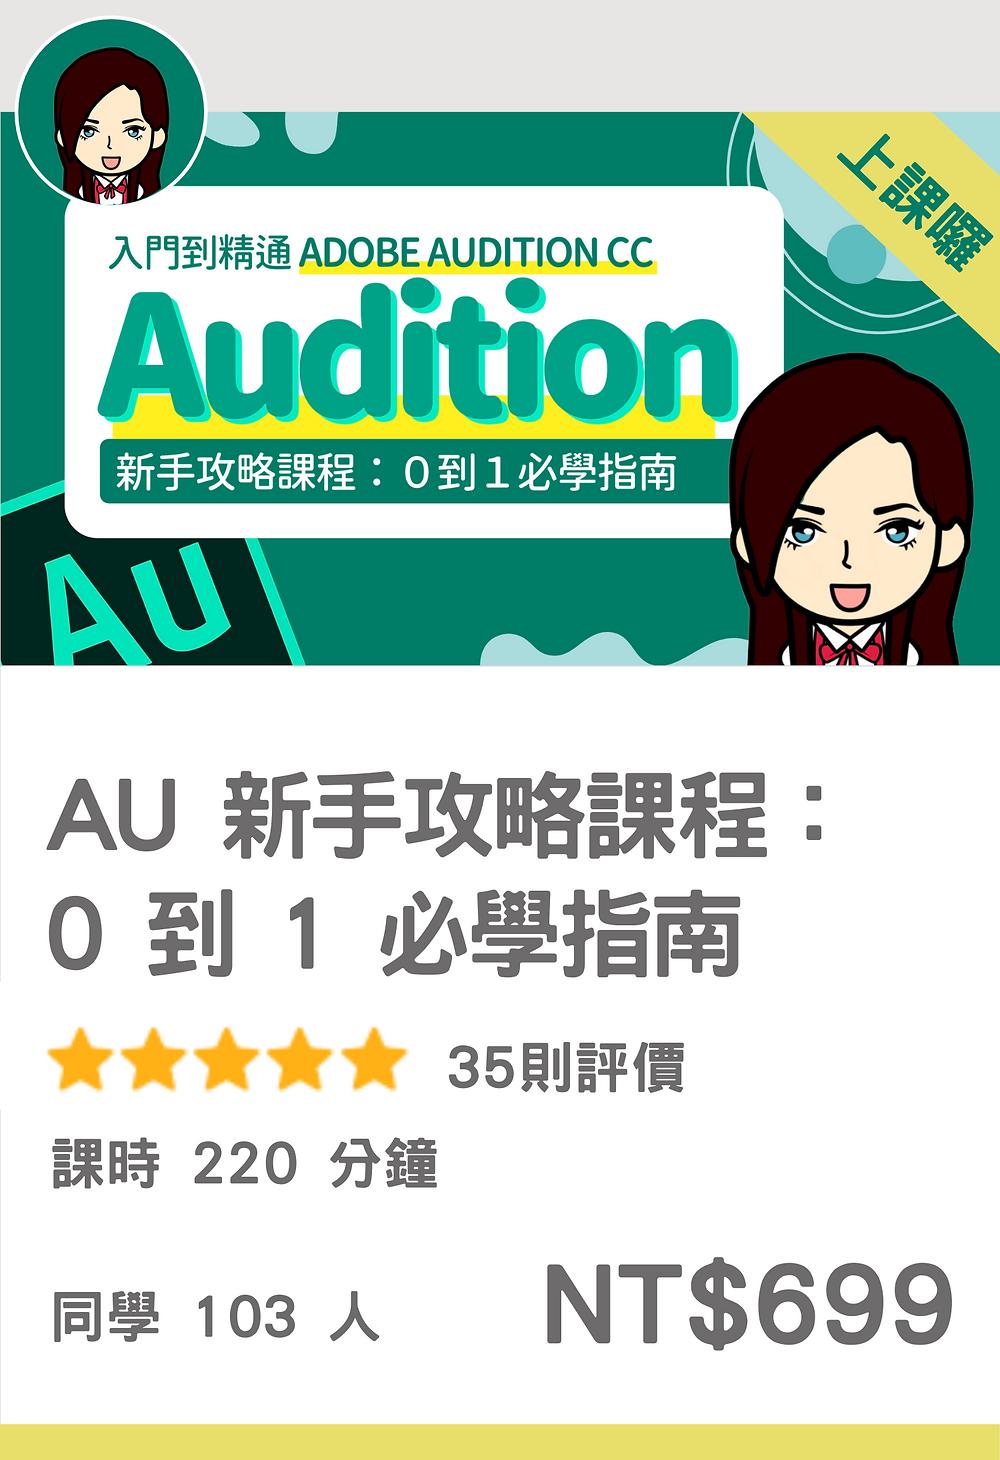 AU 新手攻略課程含括共計 40 則教學影片(超過 220 分鐘的精華內容)整體 7 大章節,囊括了 Audition 所有關鍵知識點,同時附贈了數個教學音檔素材供你實戰操作。  在課程中你看不到那些 Google 就能找到的粗淺內容,我會詳細講解 AU 效果器的各大亮點及用途,並手把手示範一段音檔的製作流程,採用理論+案例實操講解,舉凡錄音功能、音軌介紹、匹配音量、去除噪音、混響、EQ、壓縮、參數均衡、去除人聲、單曲循環....通通有實作!